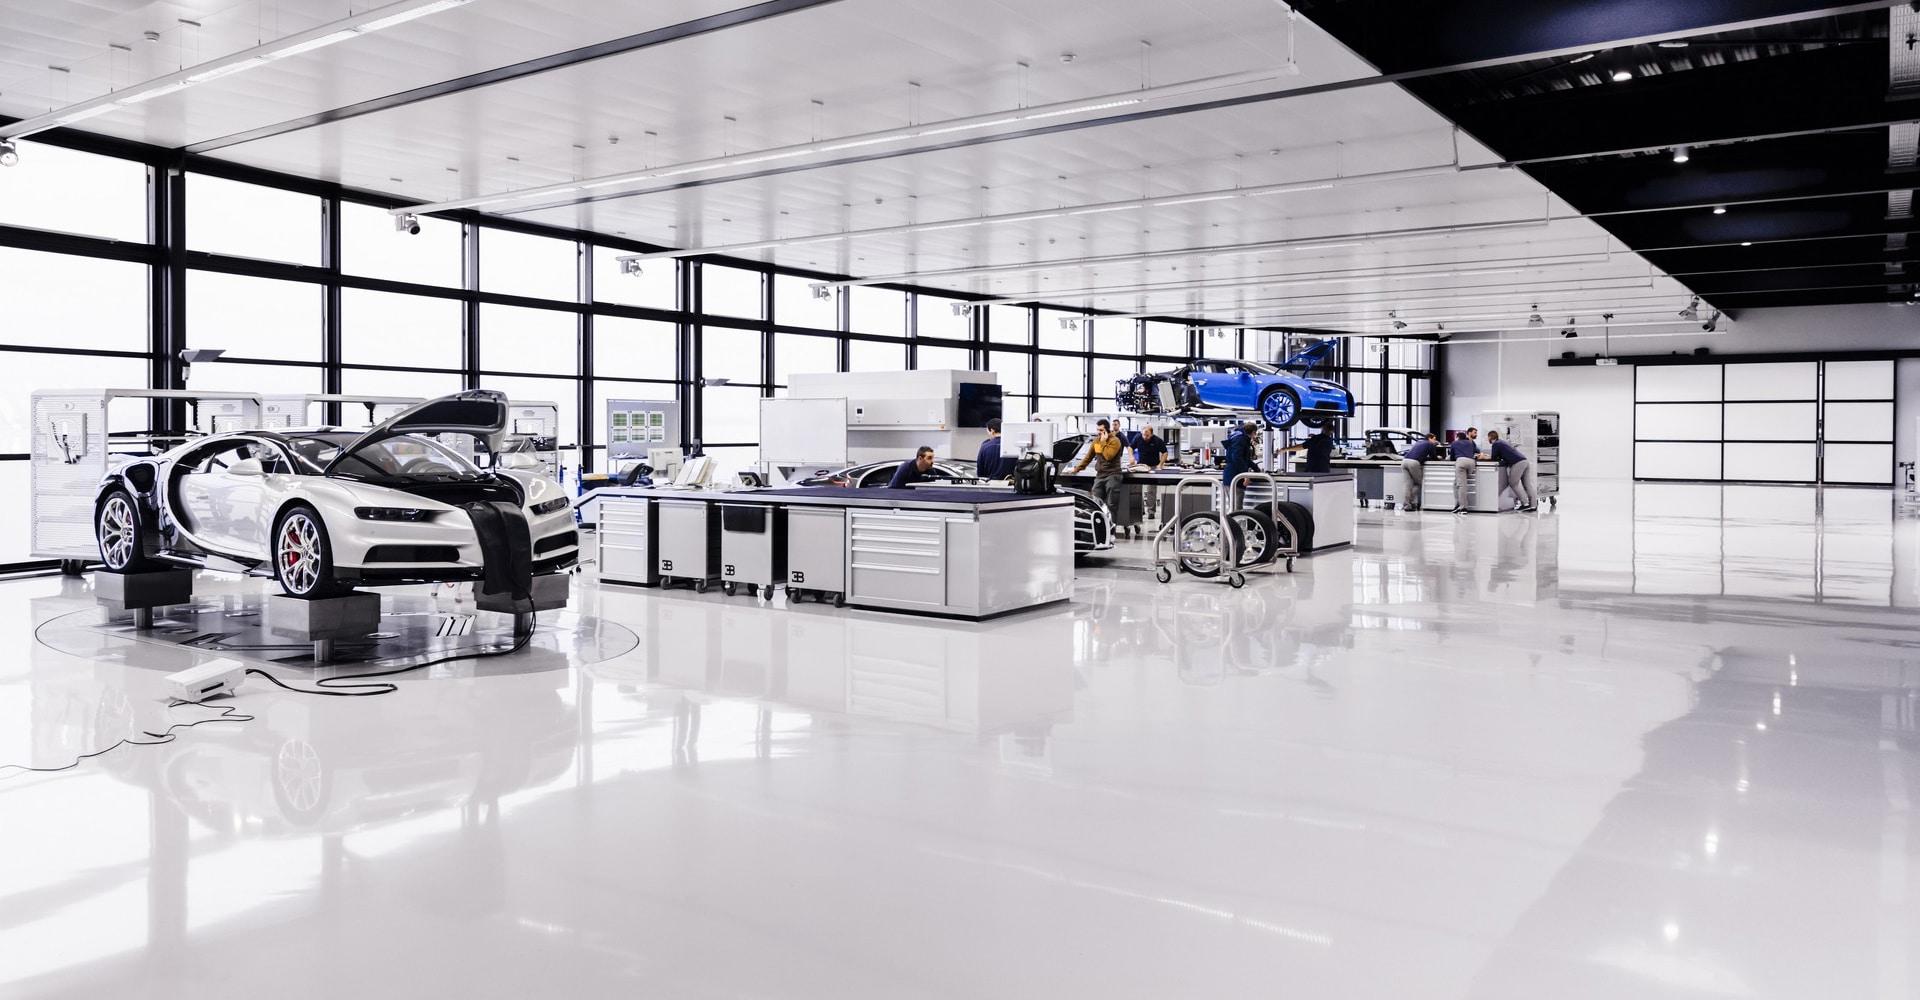 Vloercoating in werkplaats